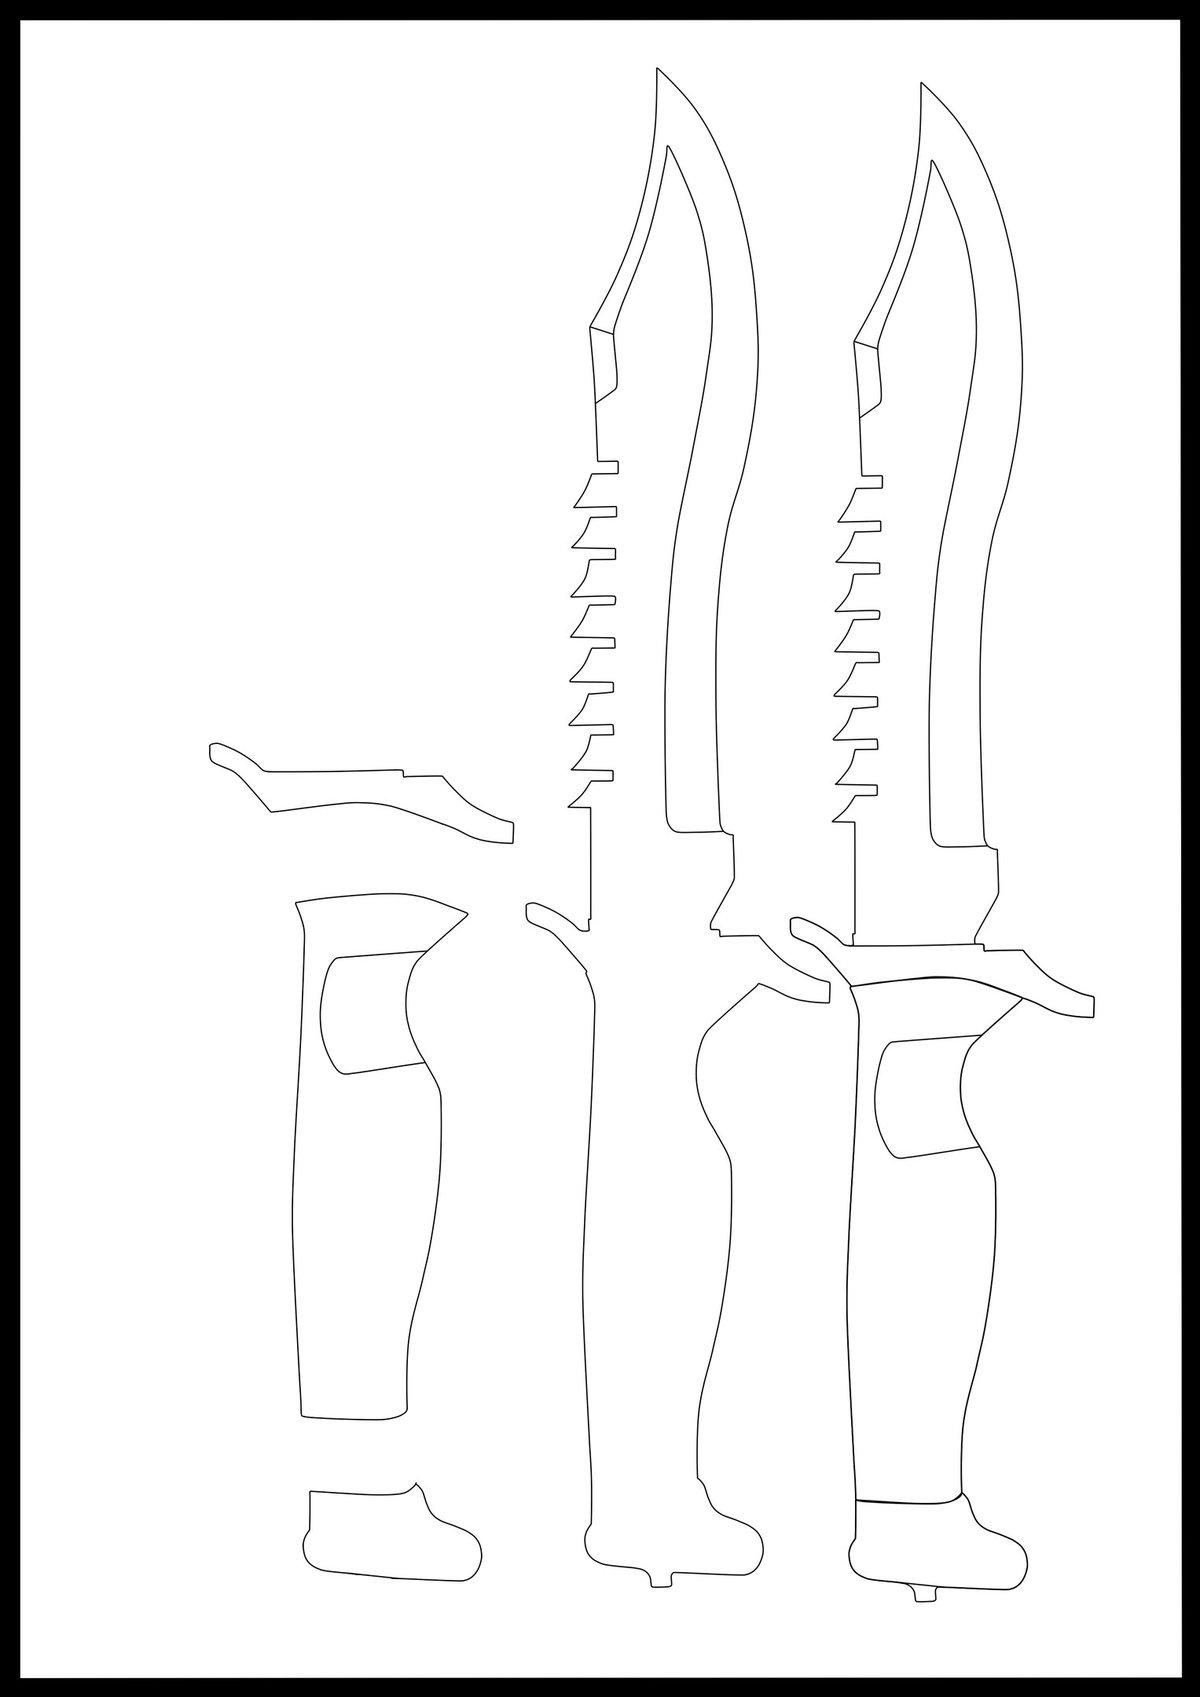 принципе, картинки ножей из кс го чертеж на белом фоне буграх первый объект